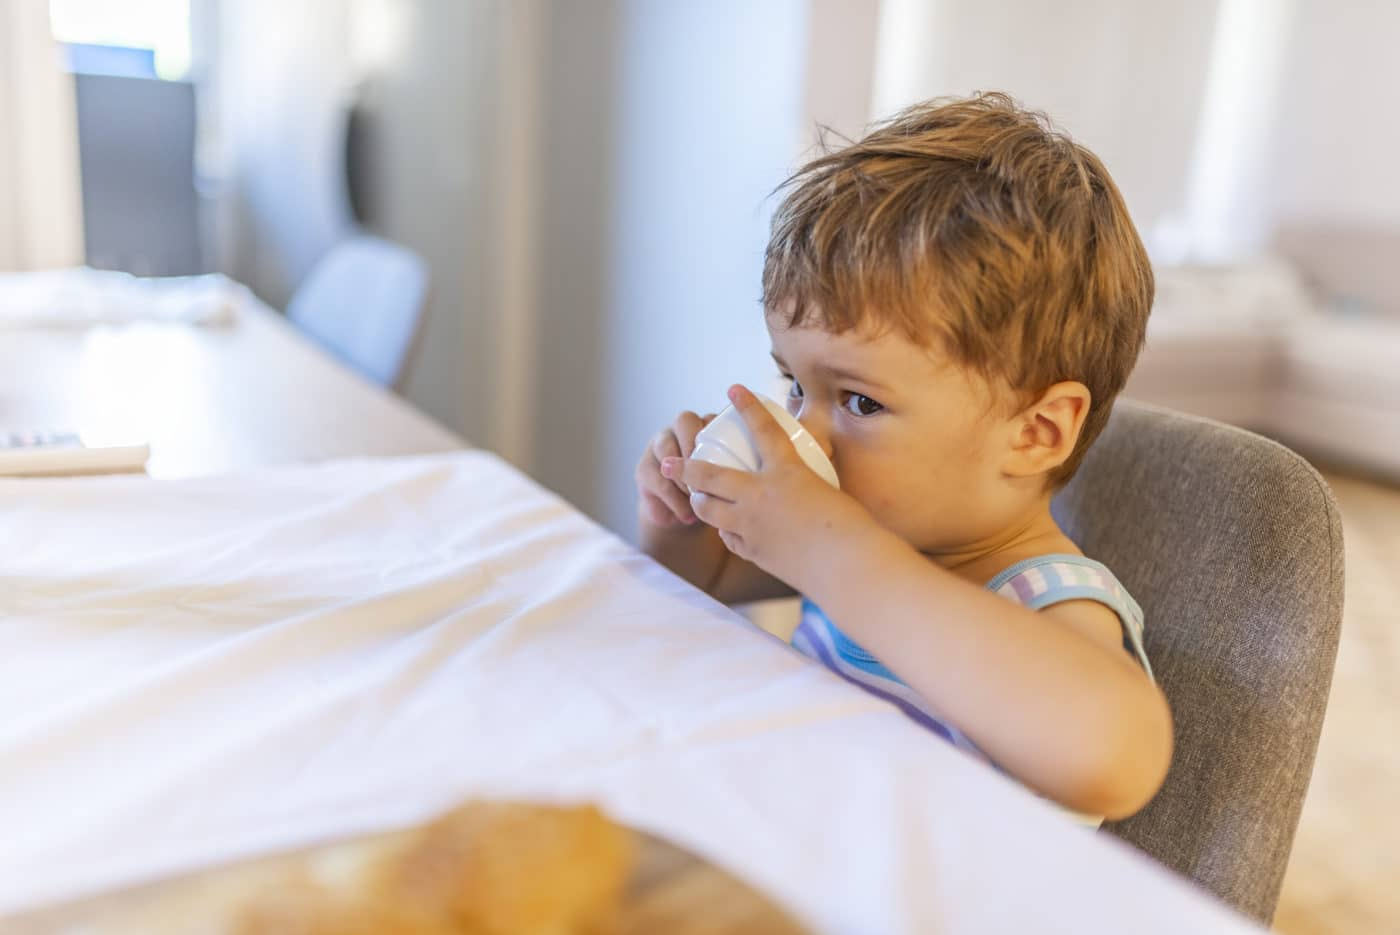 gyerek menü étel ötlet